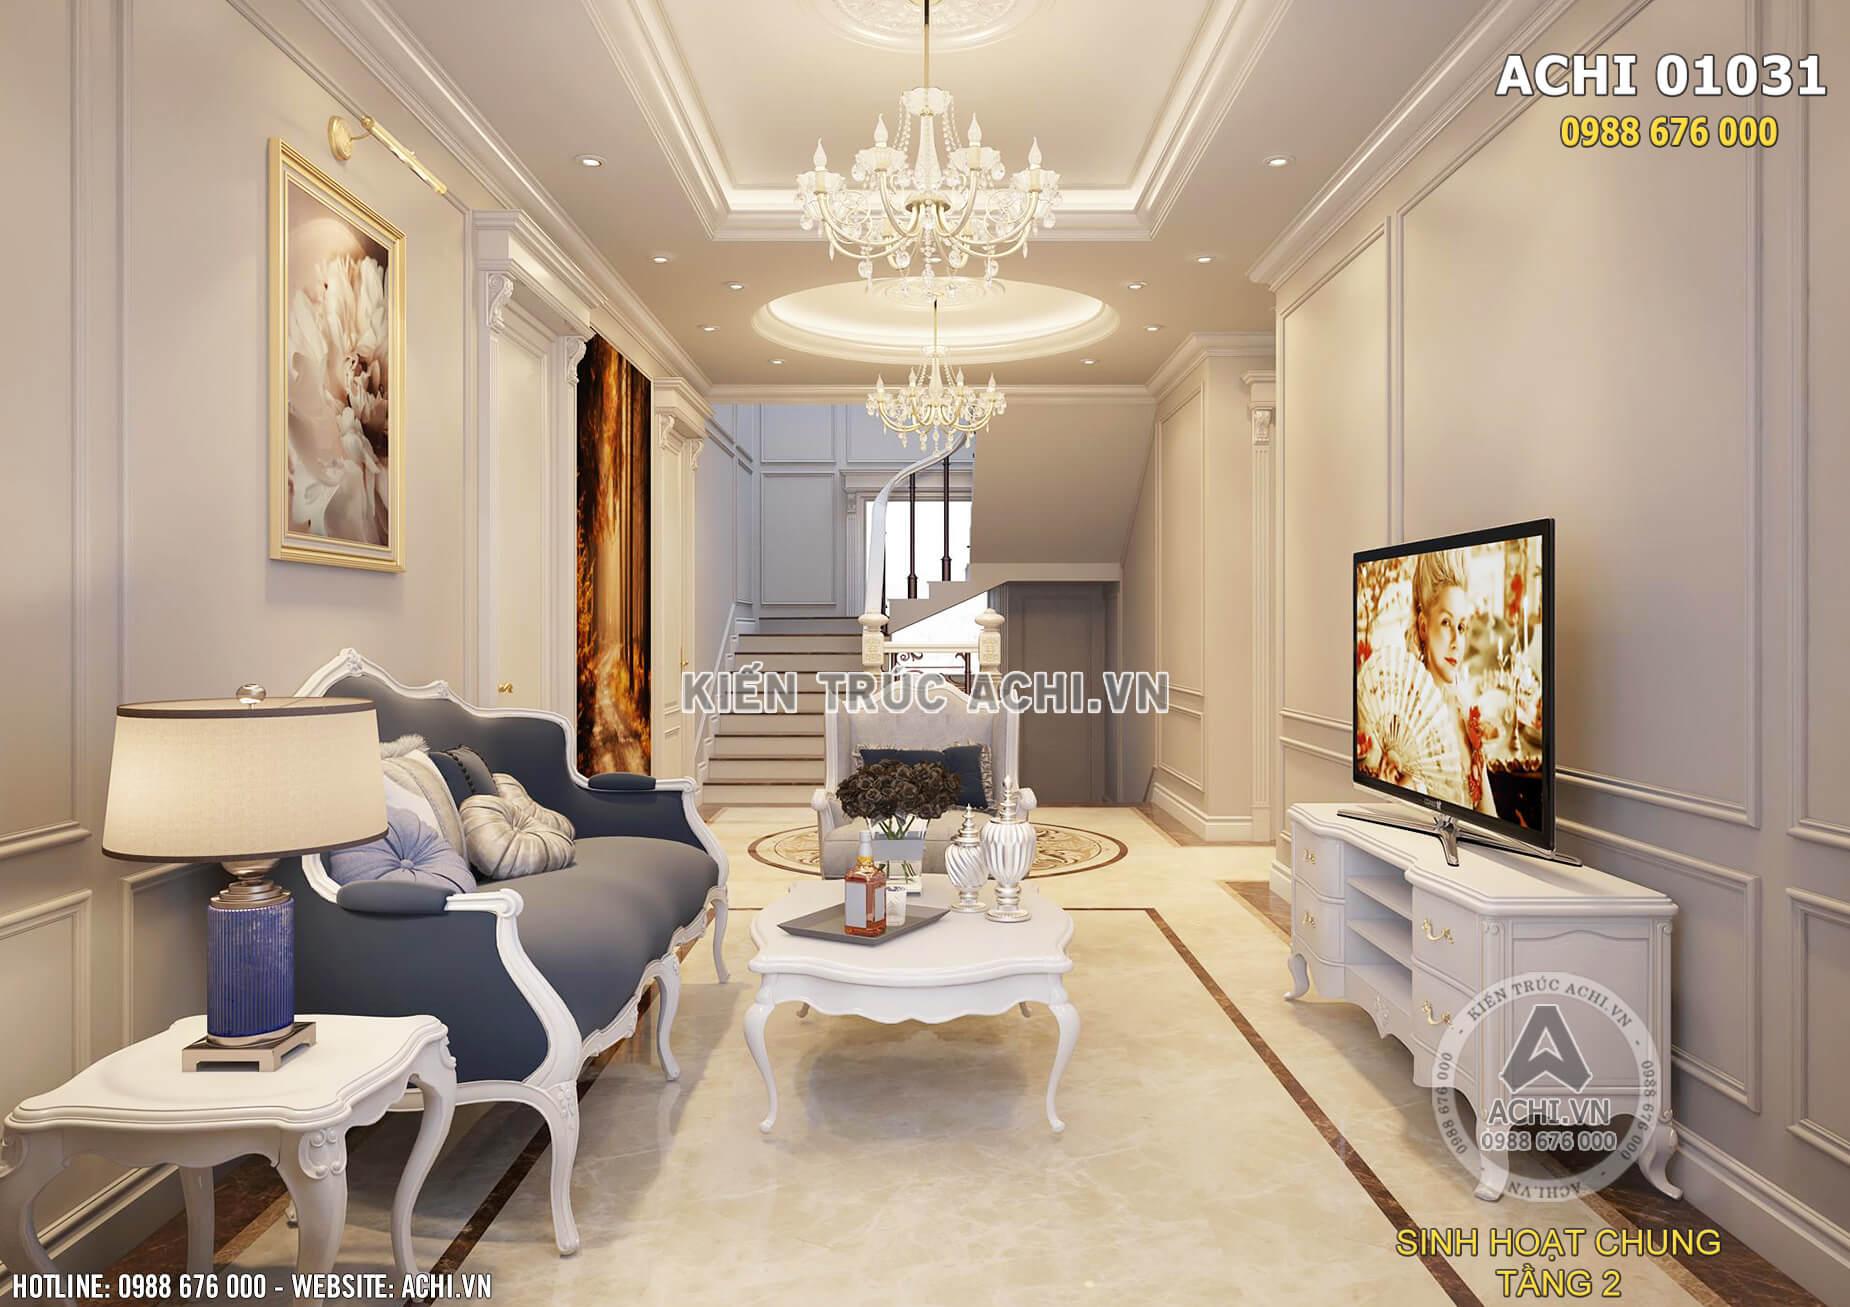 Mẫu thiết kế nội thất phòng sinh hoạt chung nhẹ nhàng, sang trọng